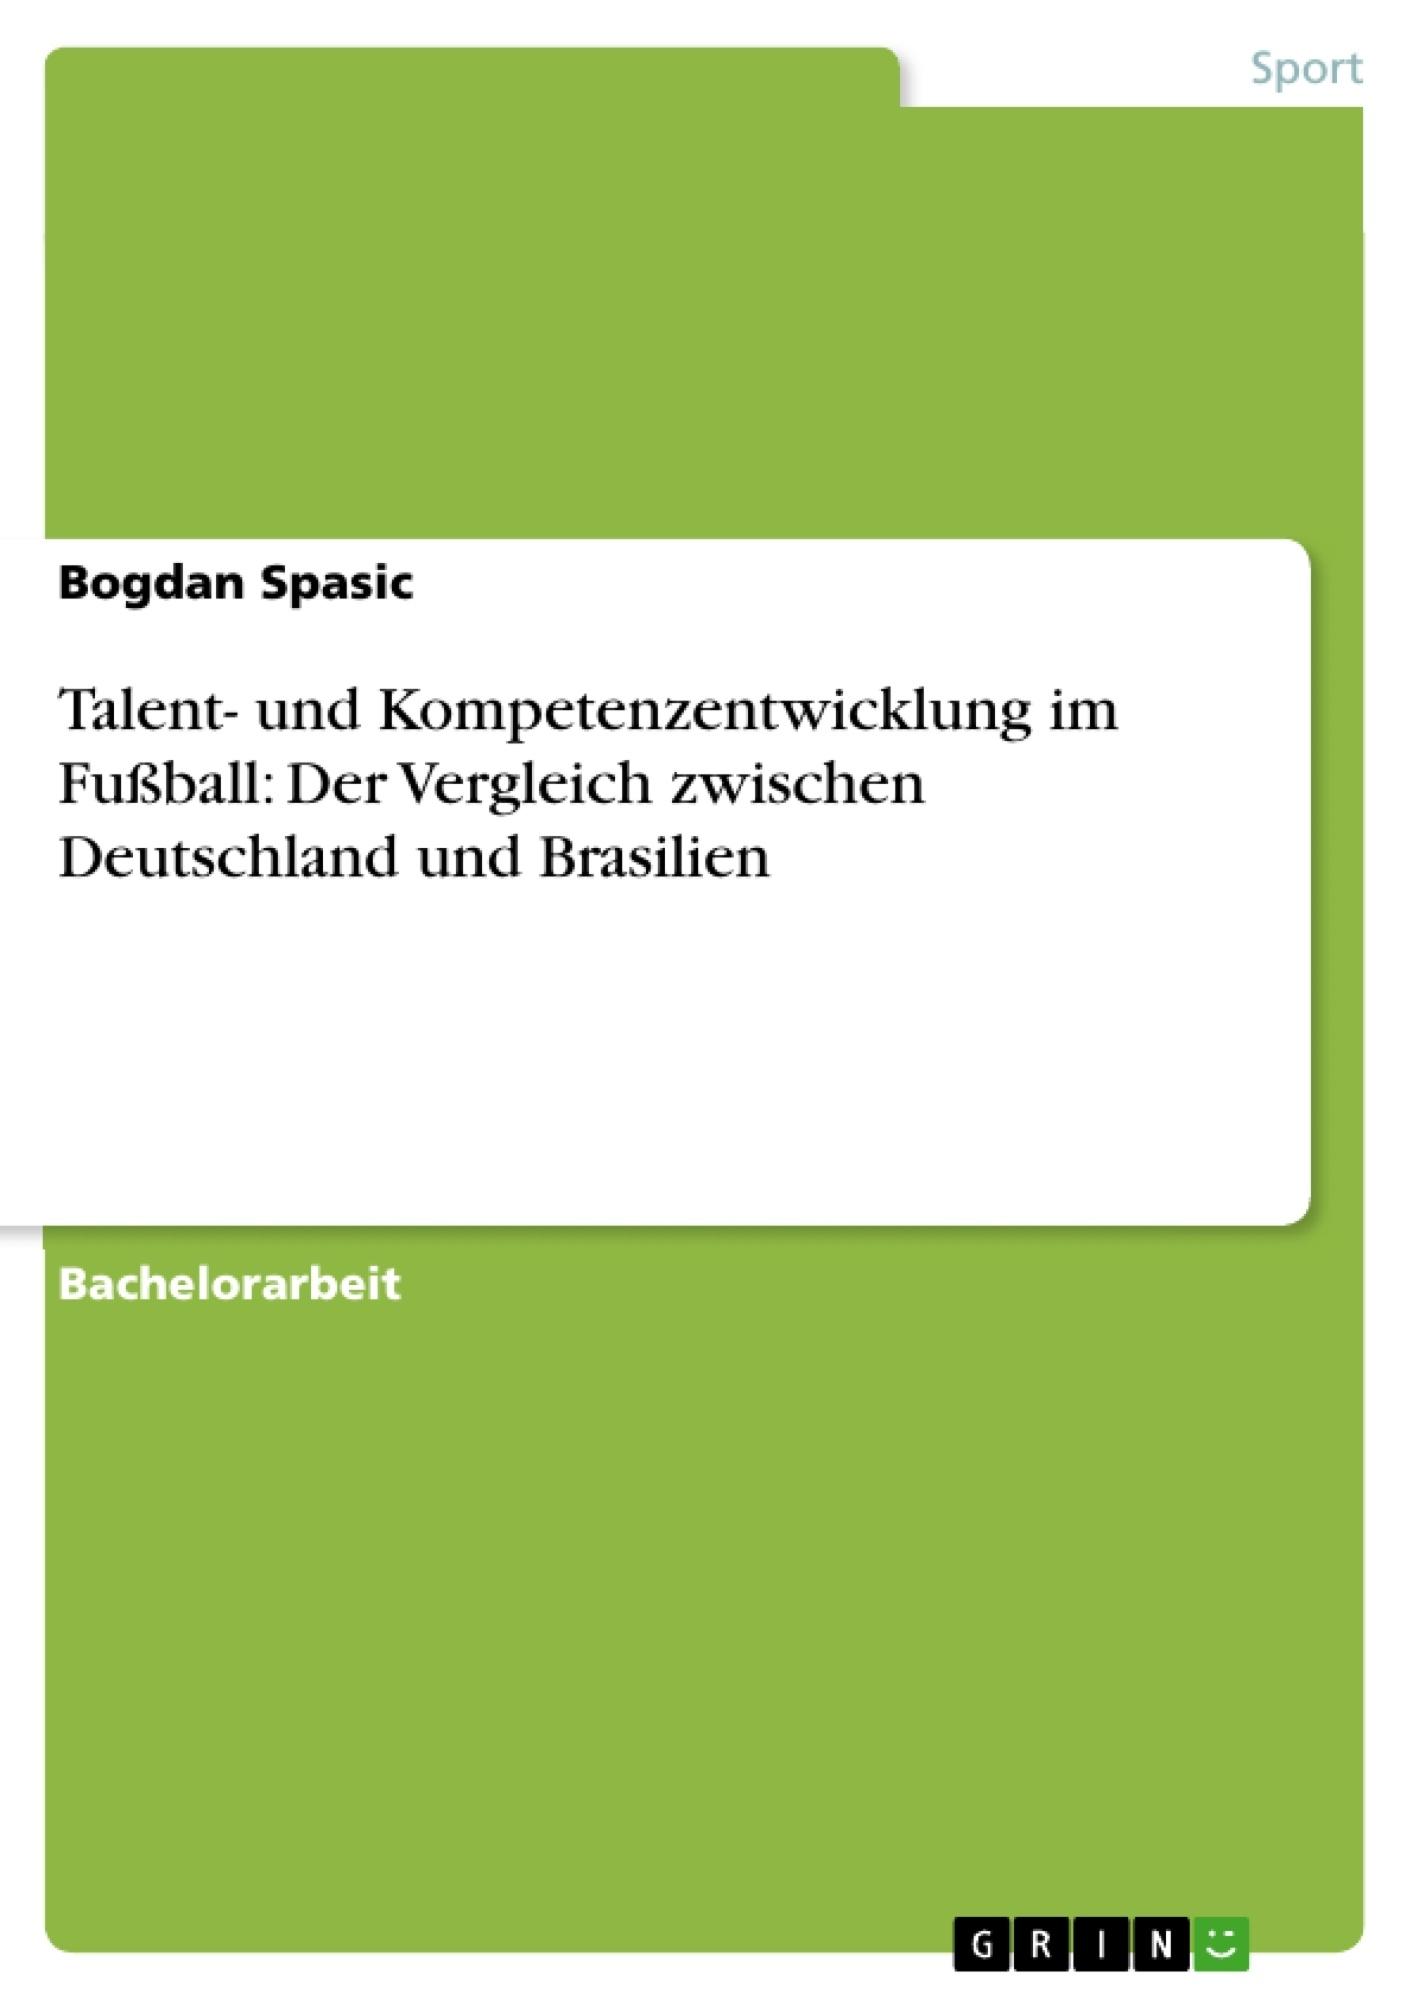 Titel: Talent- und Kompetenzentwicklung im Fußball: Der Vergleich zwischen Deutschland und Brasilien